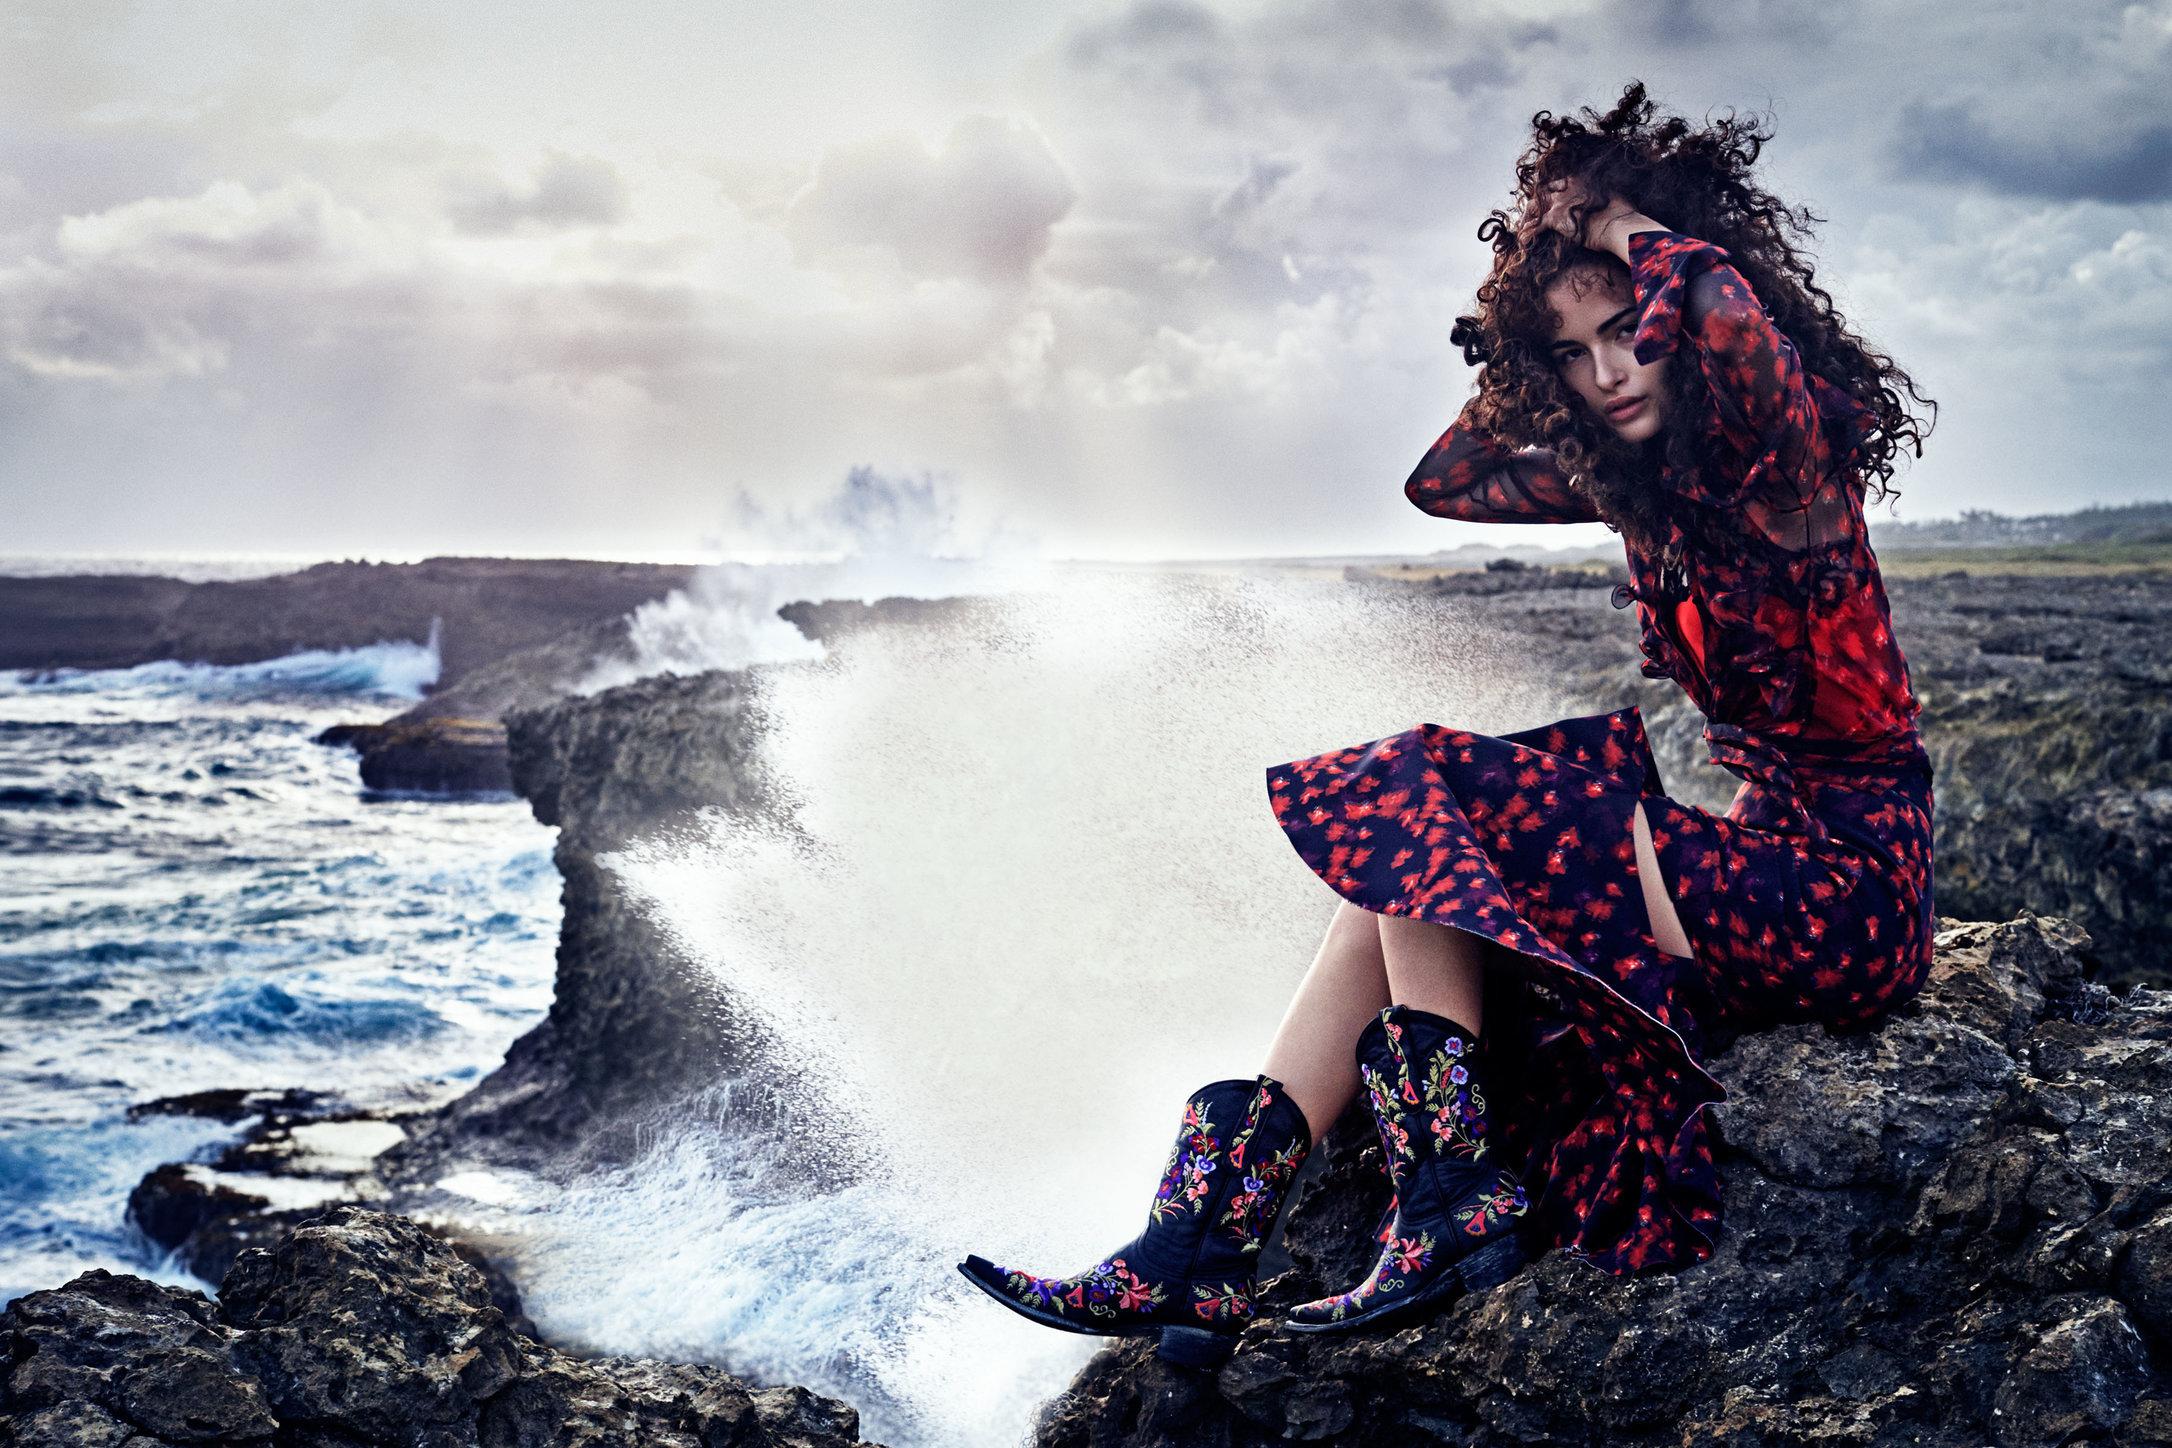 Vogue Japan. Chiara Scelsi. August, 2016.